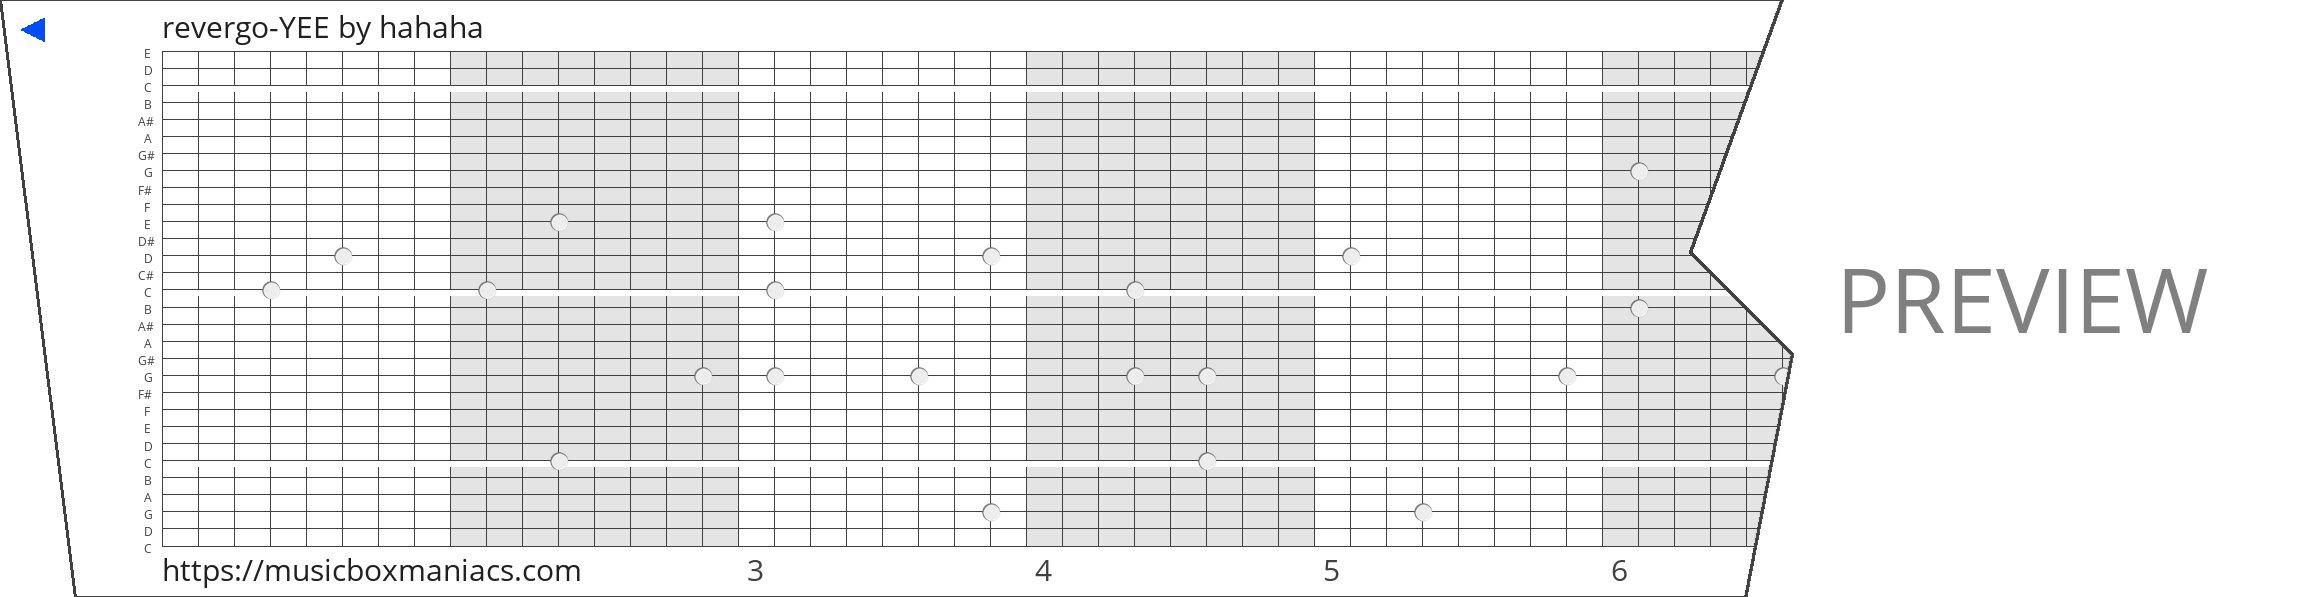 revergo-YEE 30 note music box paper strip